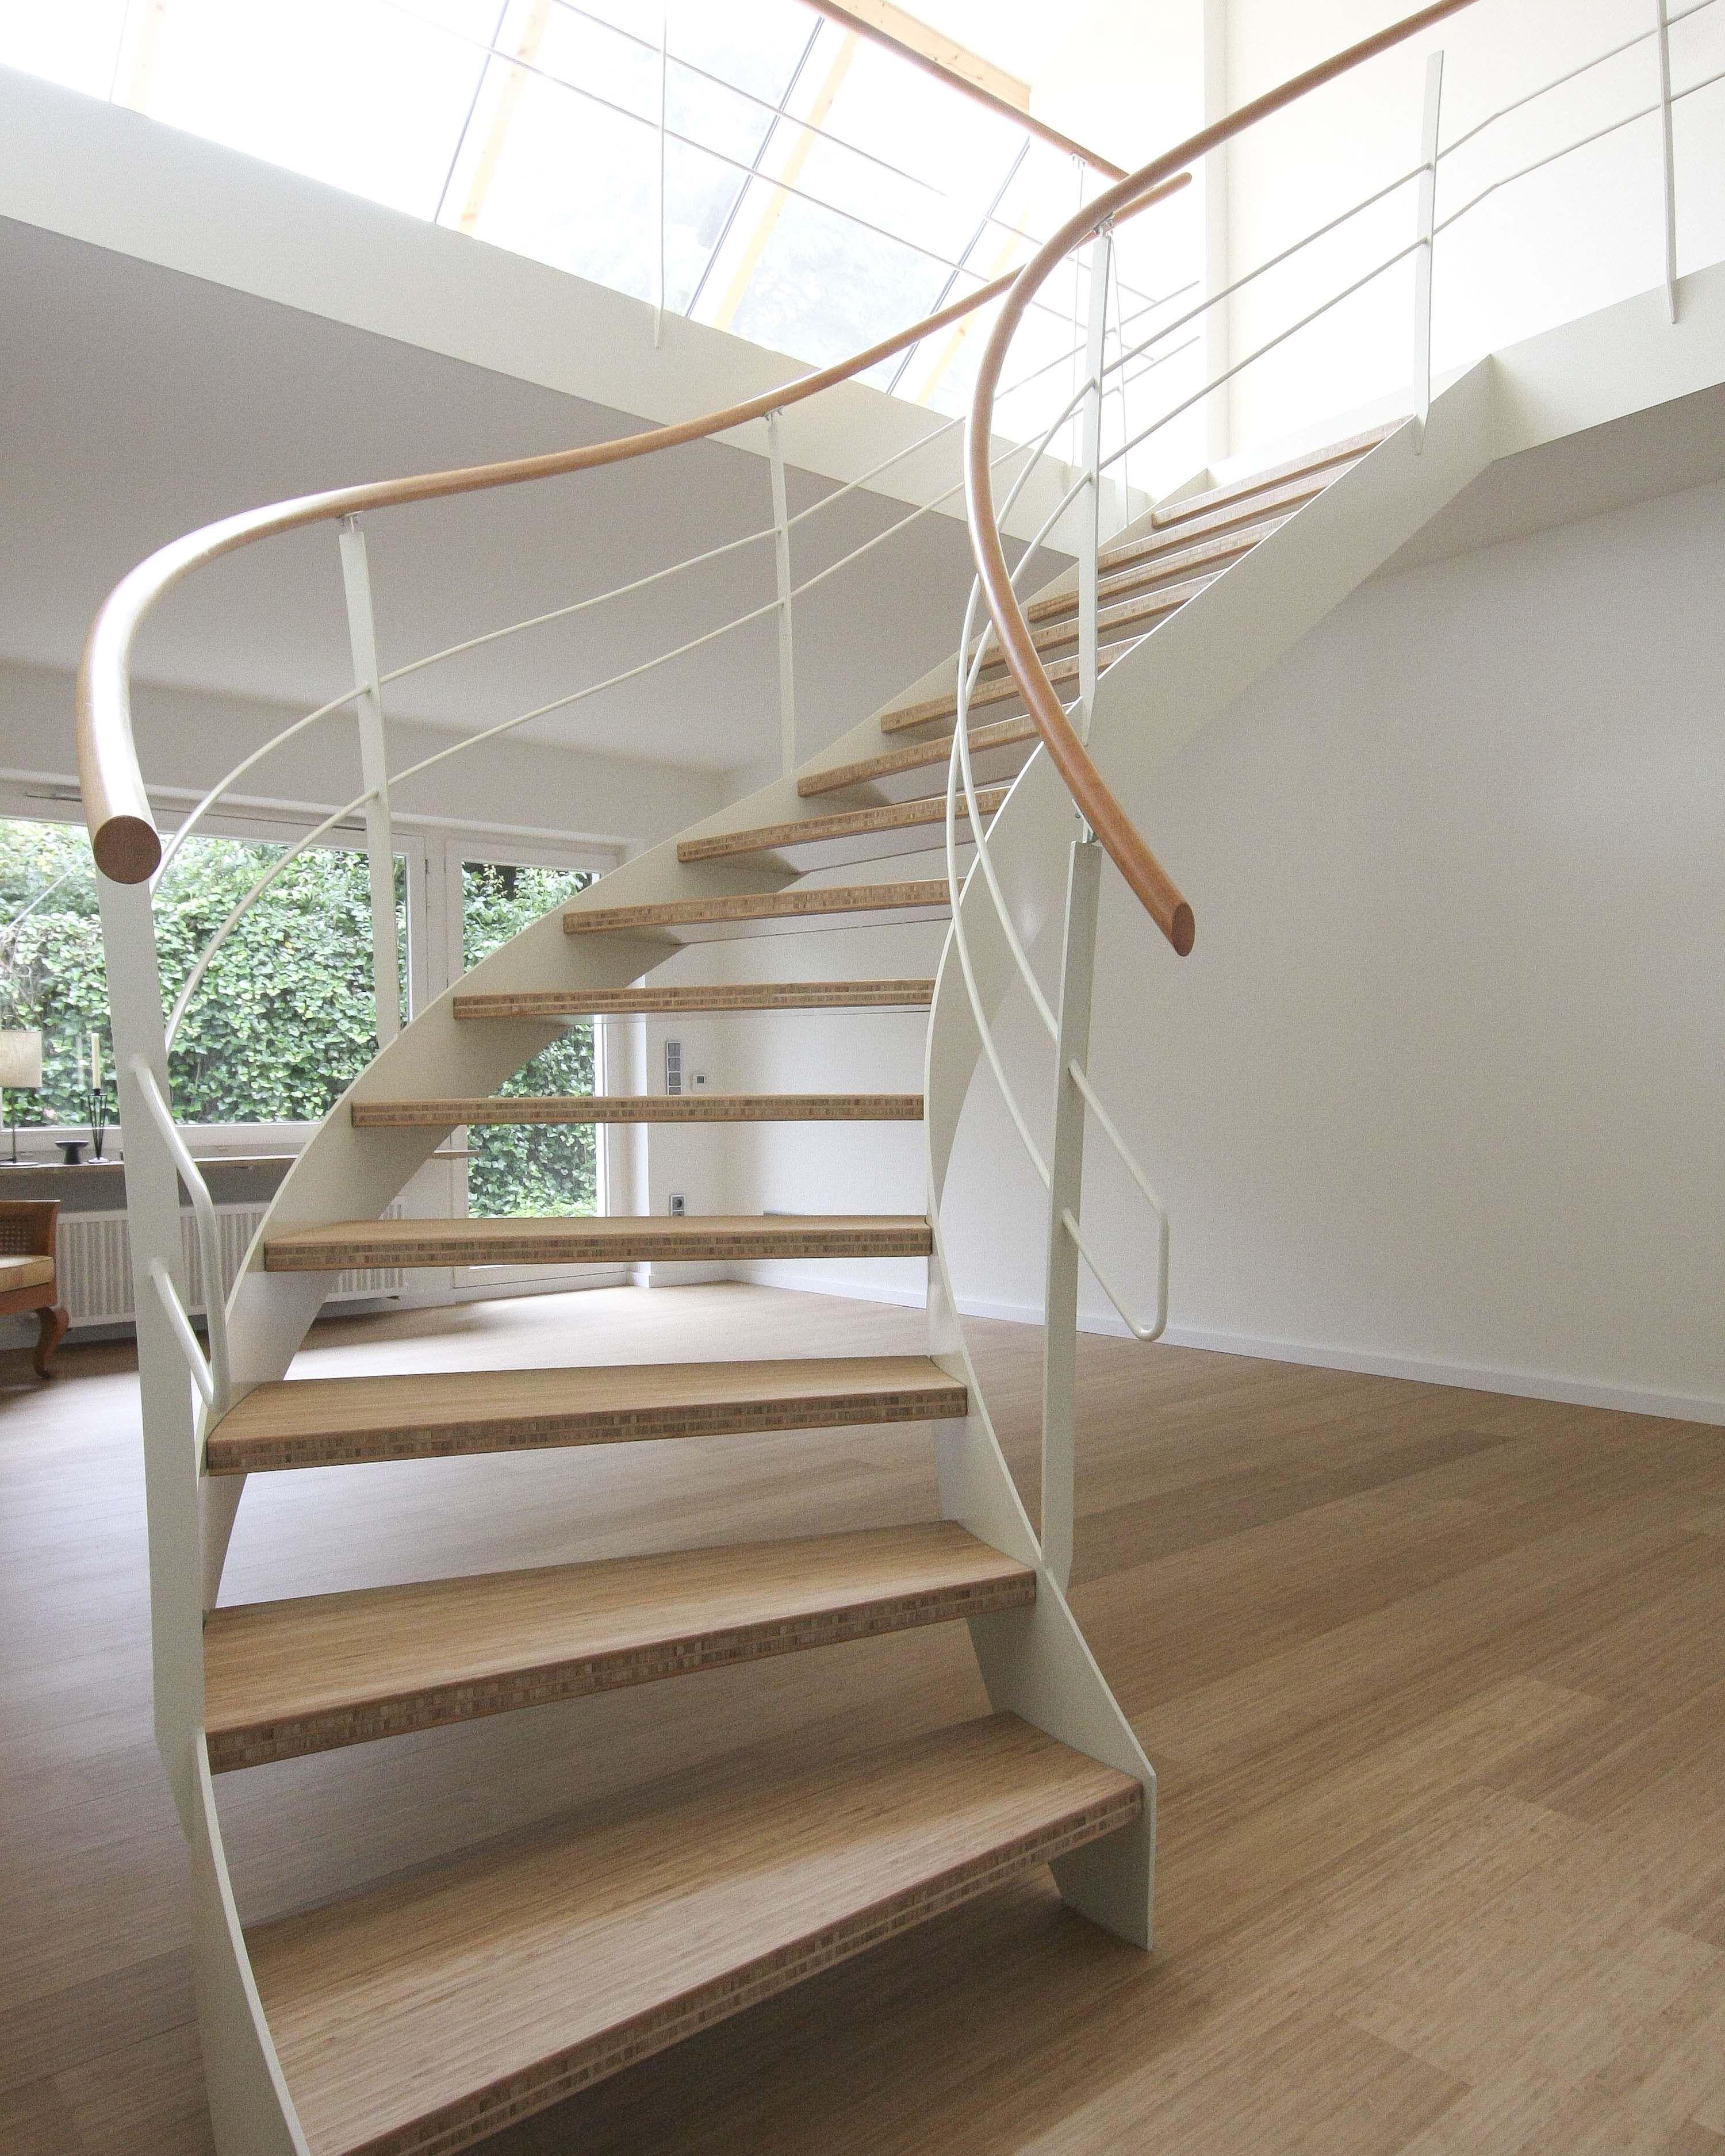 Best How To Make Bent Railings 40Mm Bendywood® Beech 640 x 480